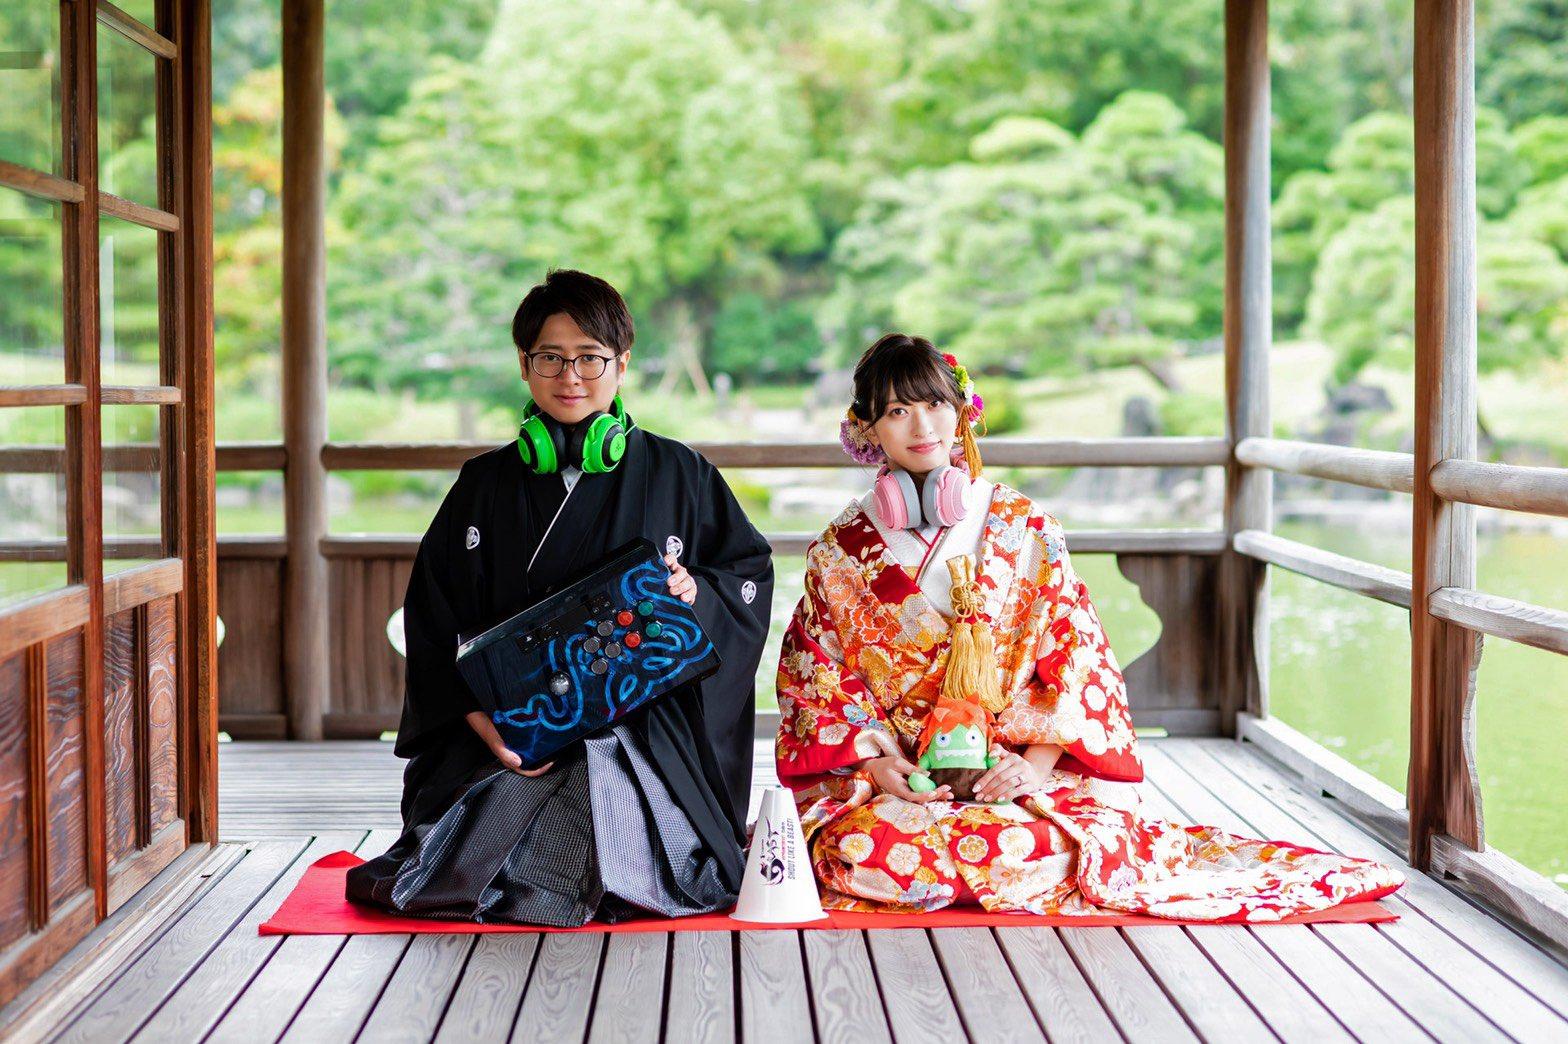 グラビアアイドル倉持由香さん、プロゲーマーとの結婚を発表